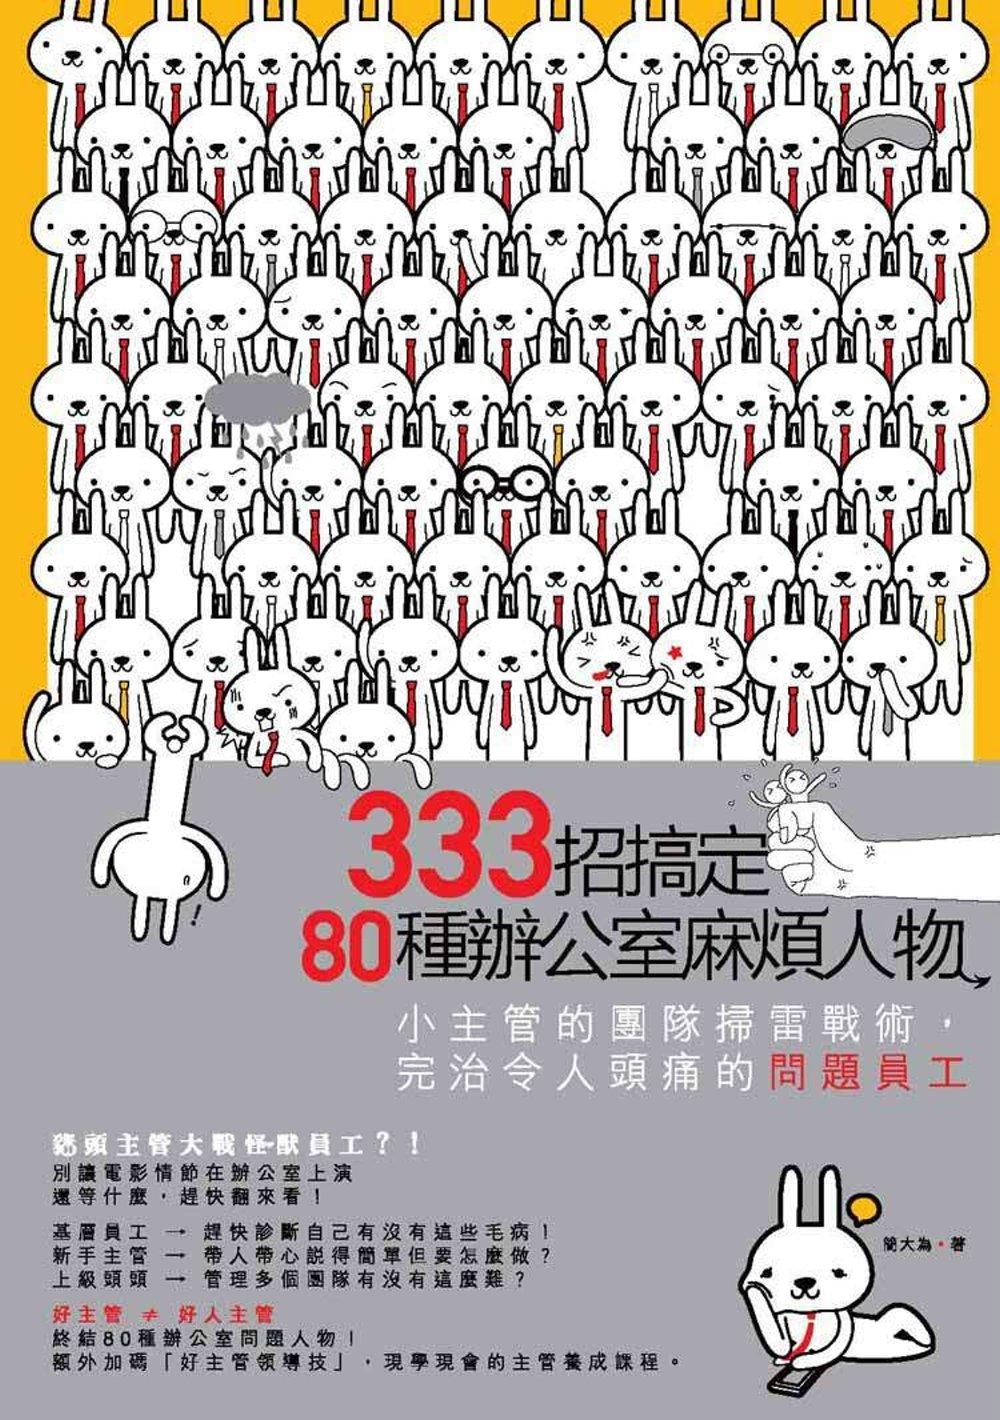 333招搞定80種辦公室麻煩人物:小主管的團隊掃雷戰術,完治令人頭痛的問題員工